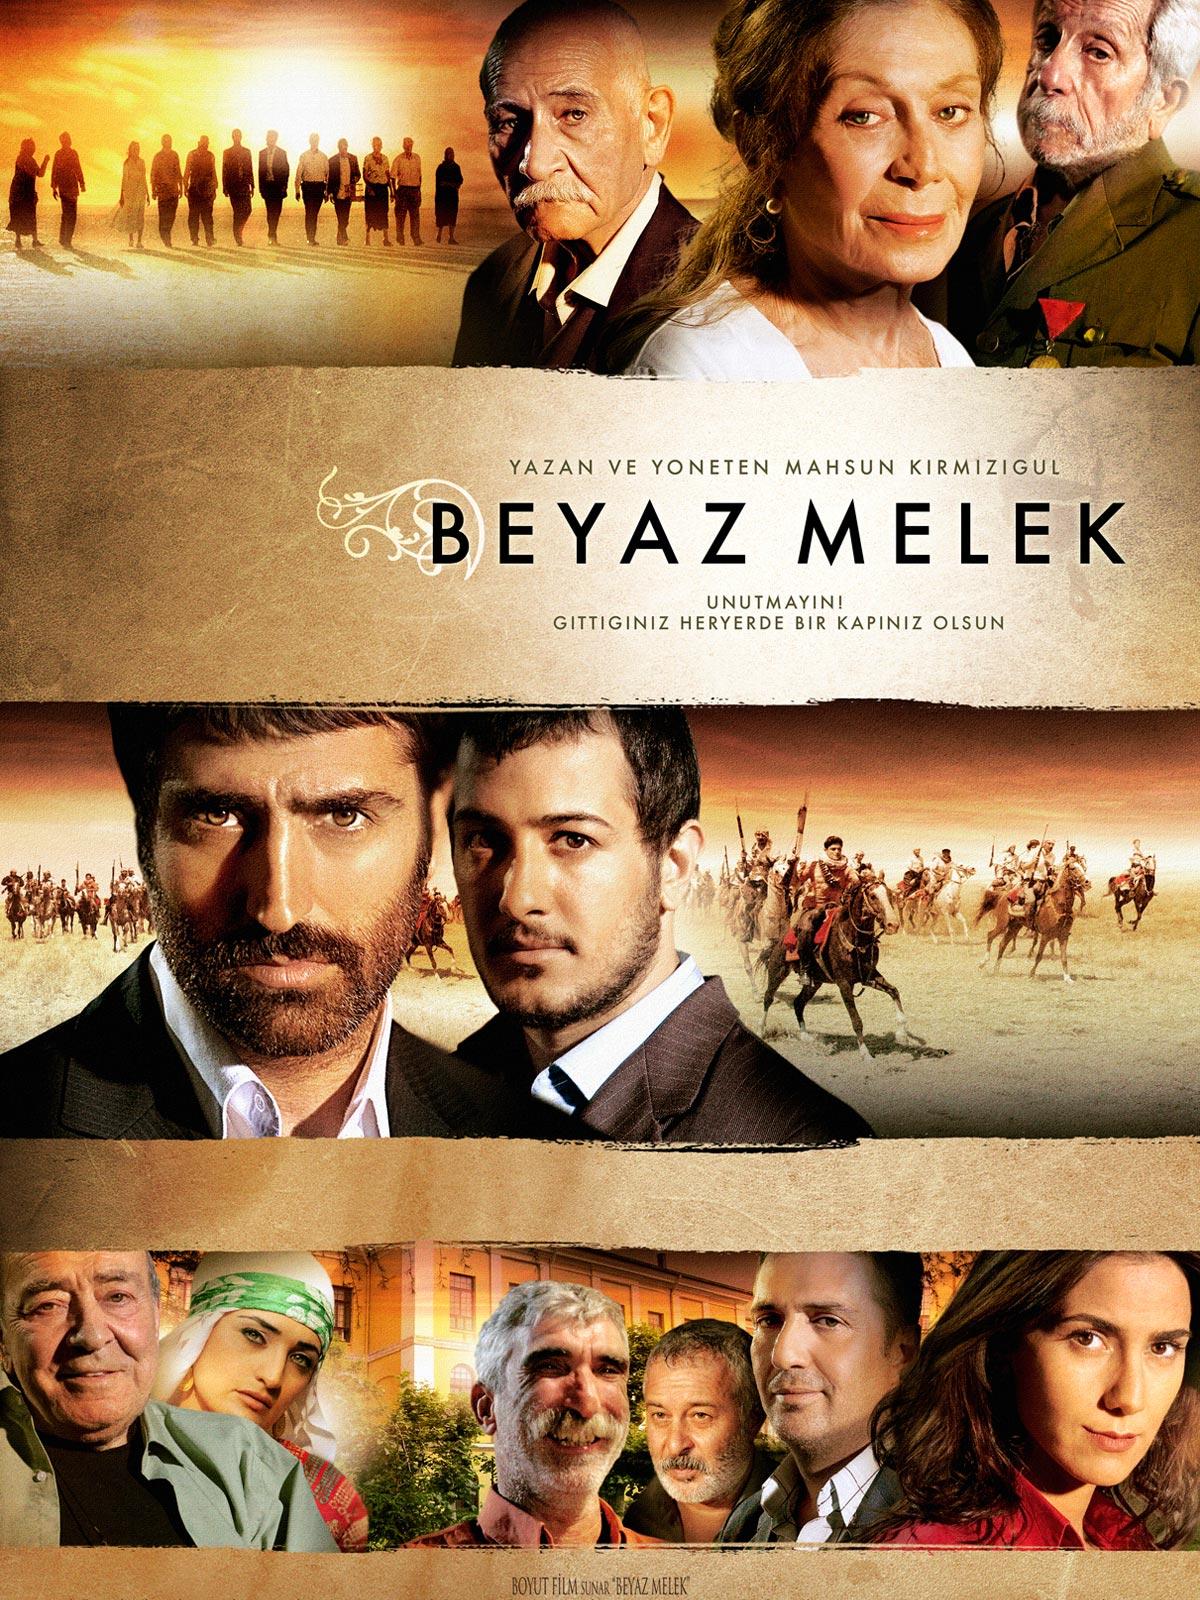 الملاك الأبيض 2007 فيلم Beyaz Melek التركي مترجم للعربية + تقرير